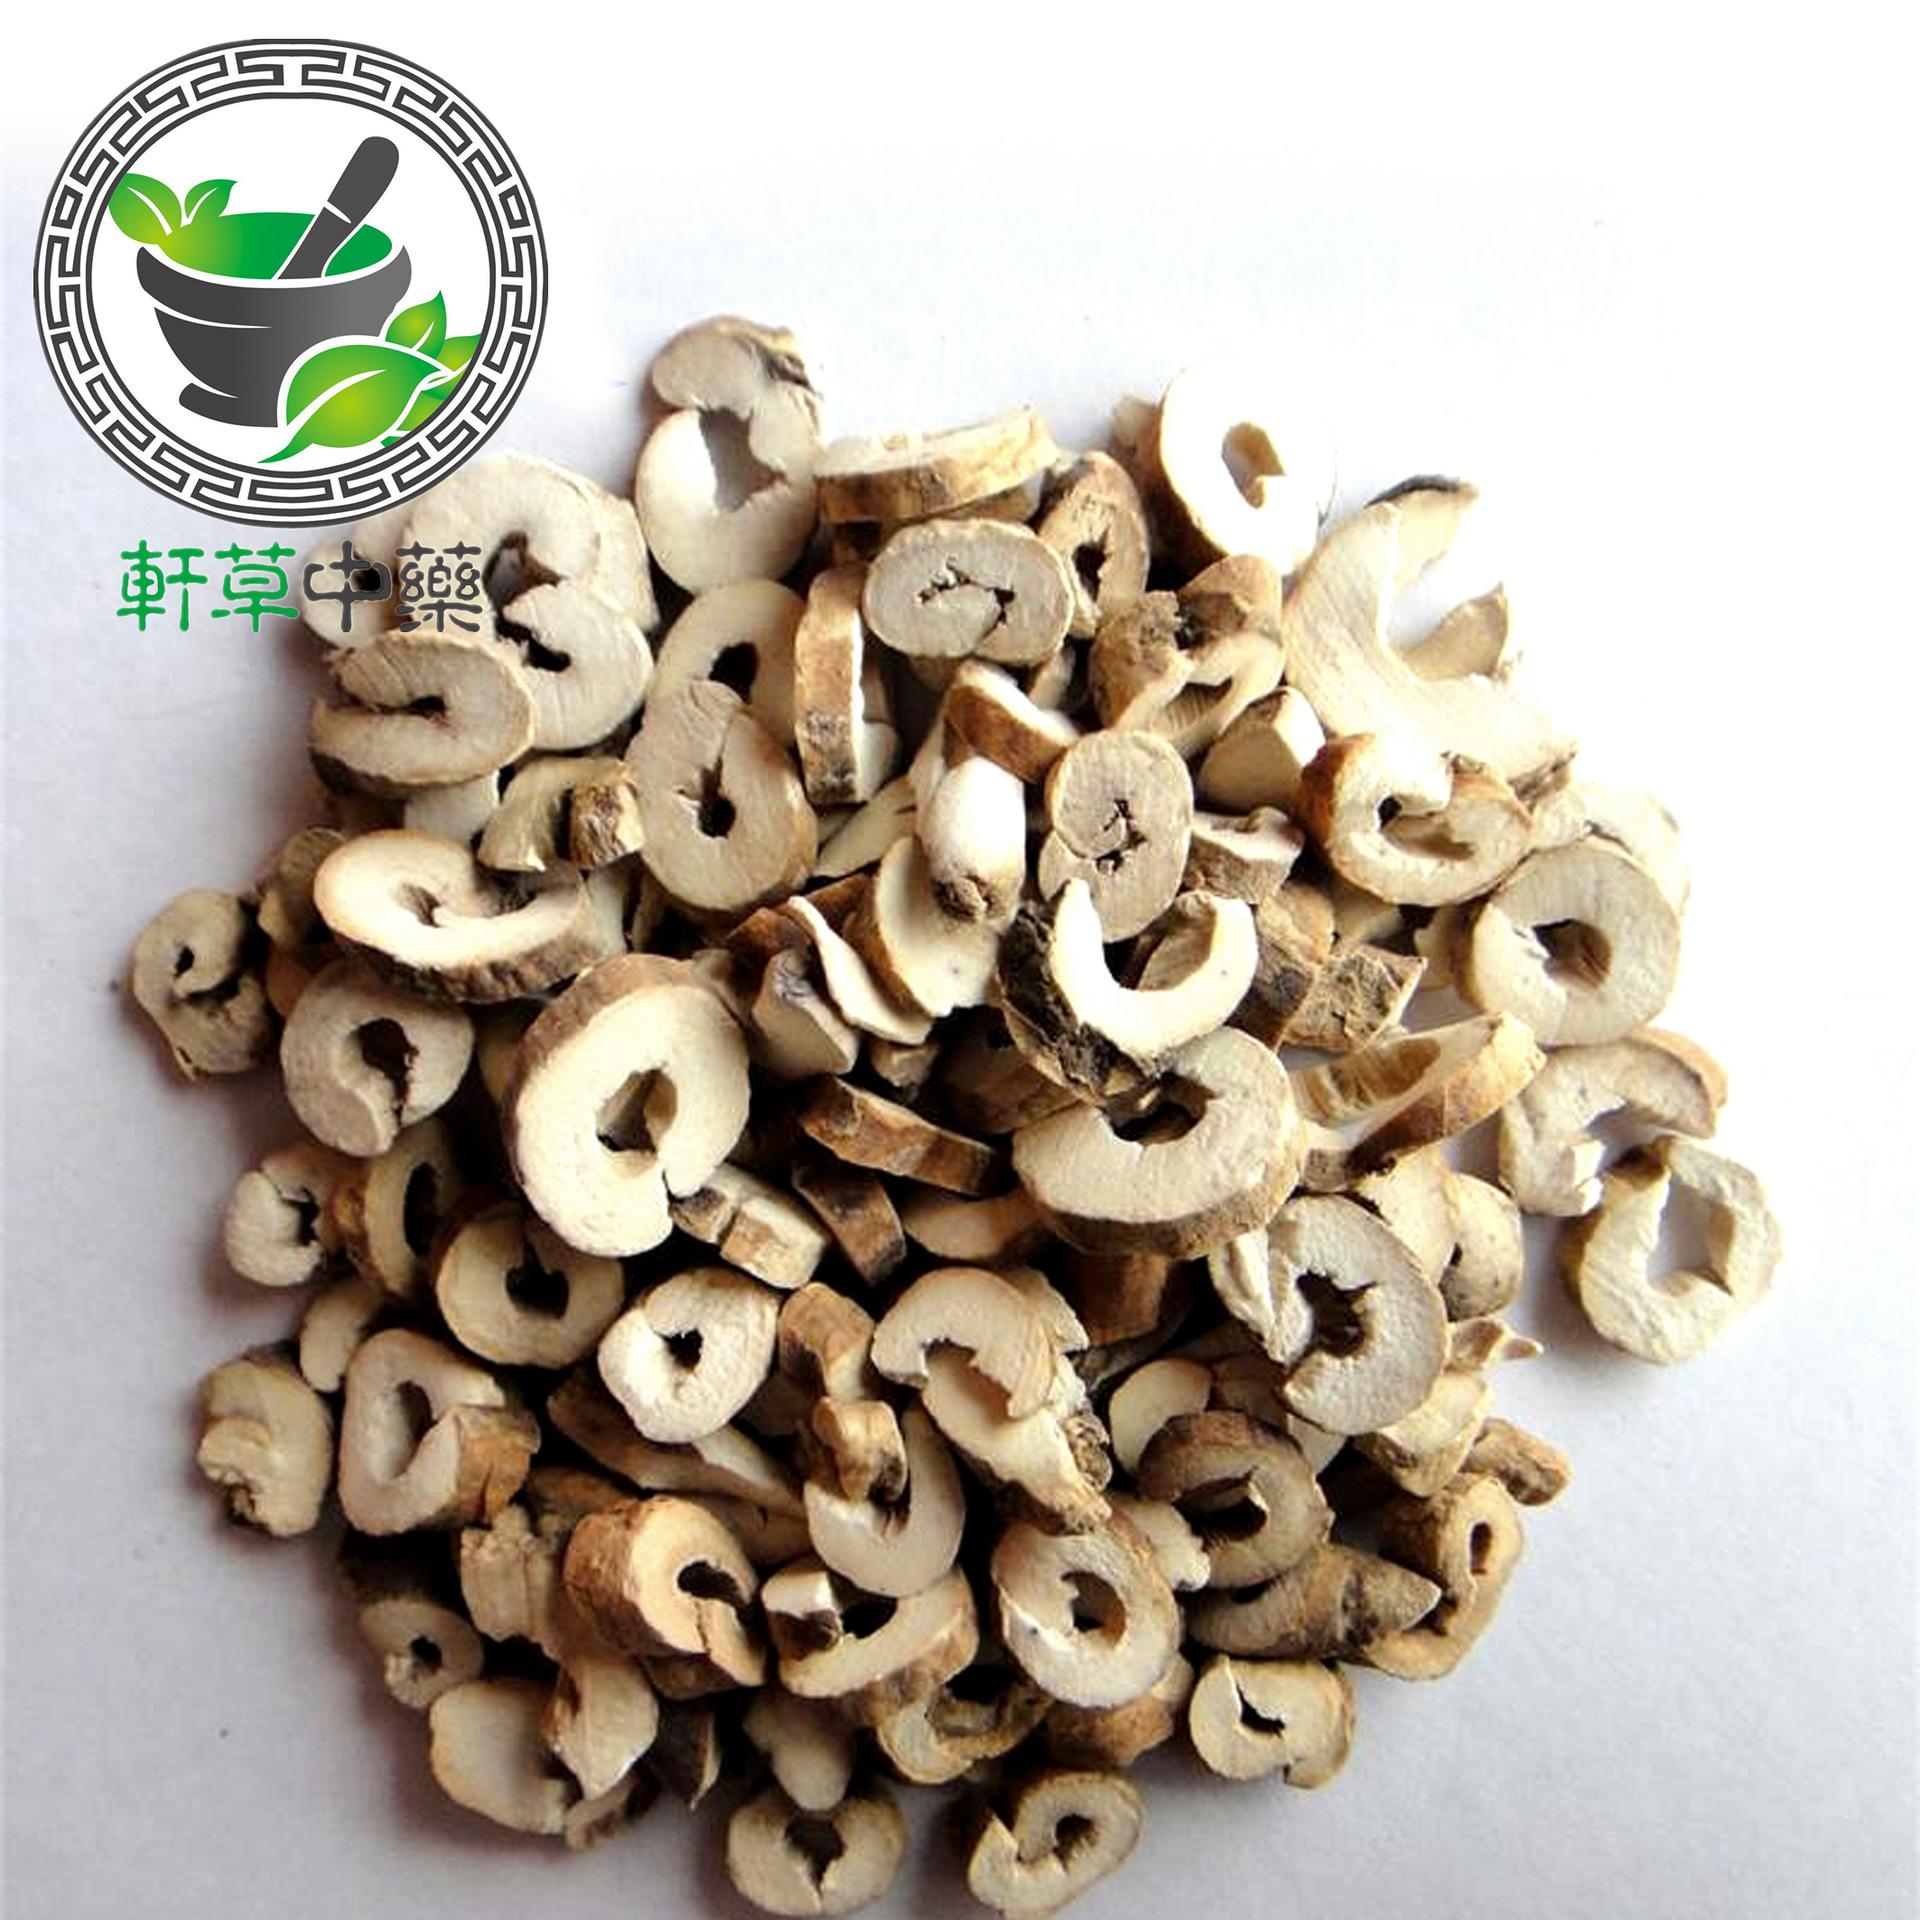 Nguyên liệu Thảo dược Anguo Trung Quốc .